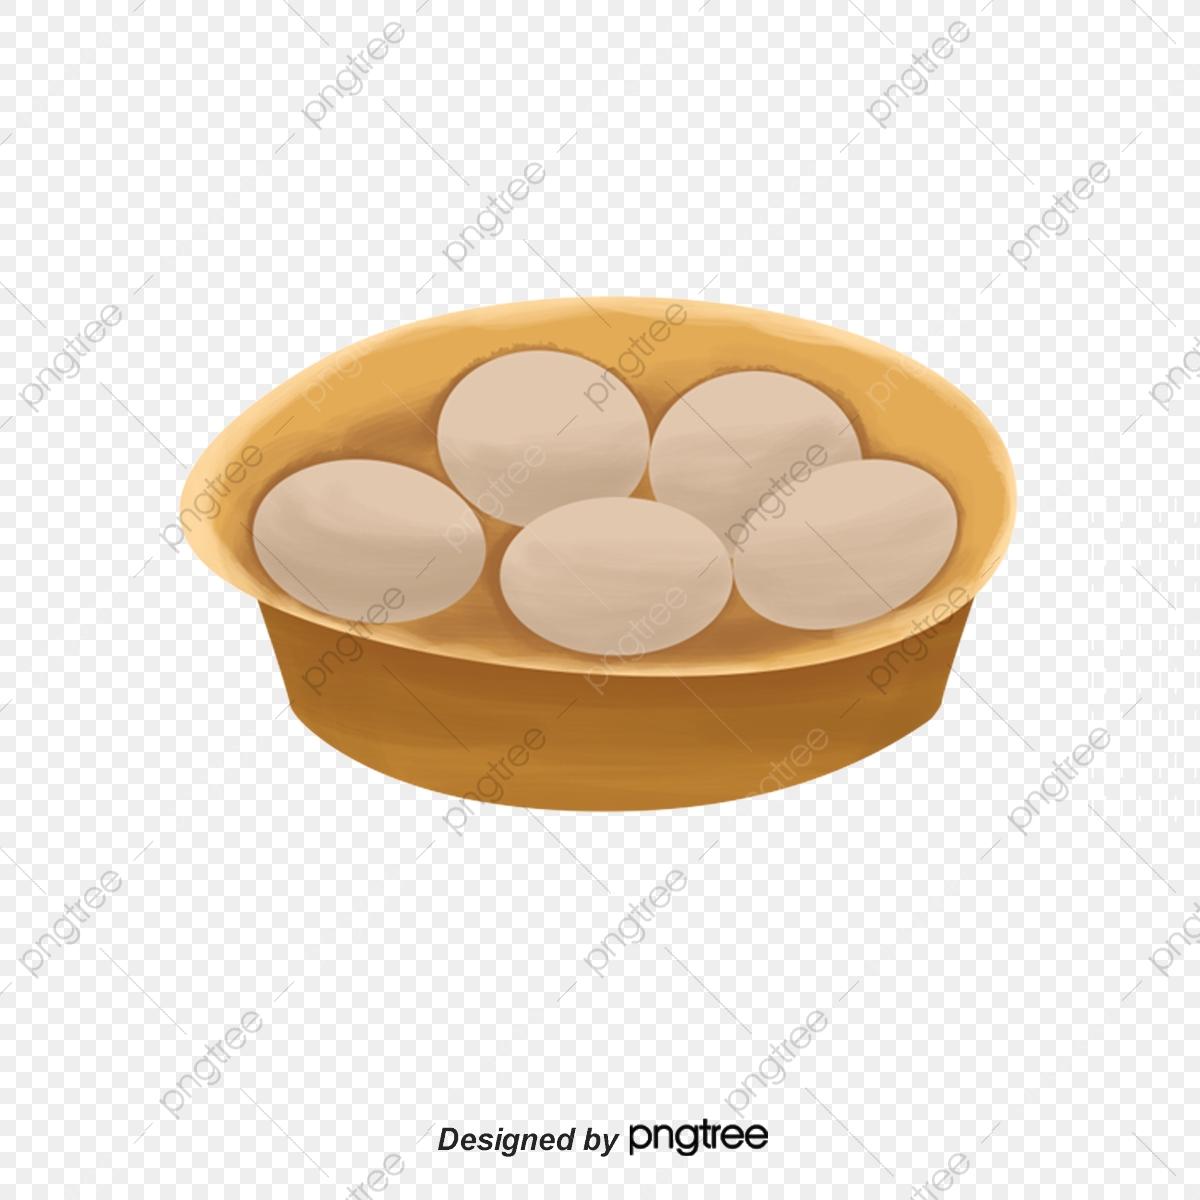 Lukisan Tangan Gaya Makanan Telur Lukisan Tangan Gaya Plat